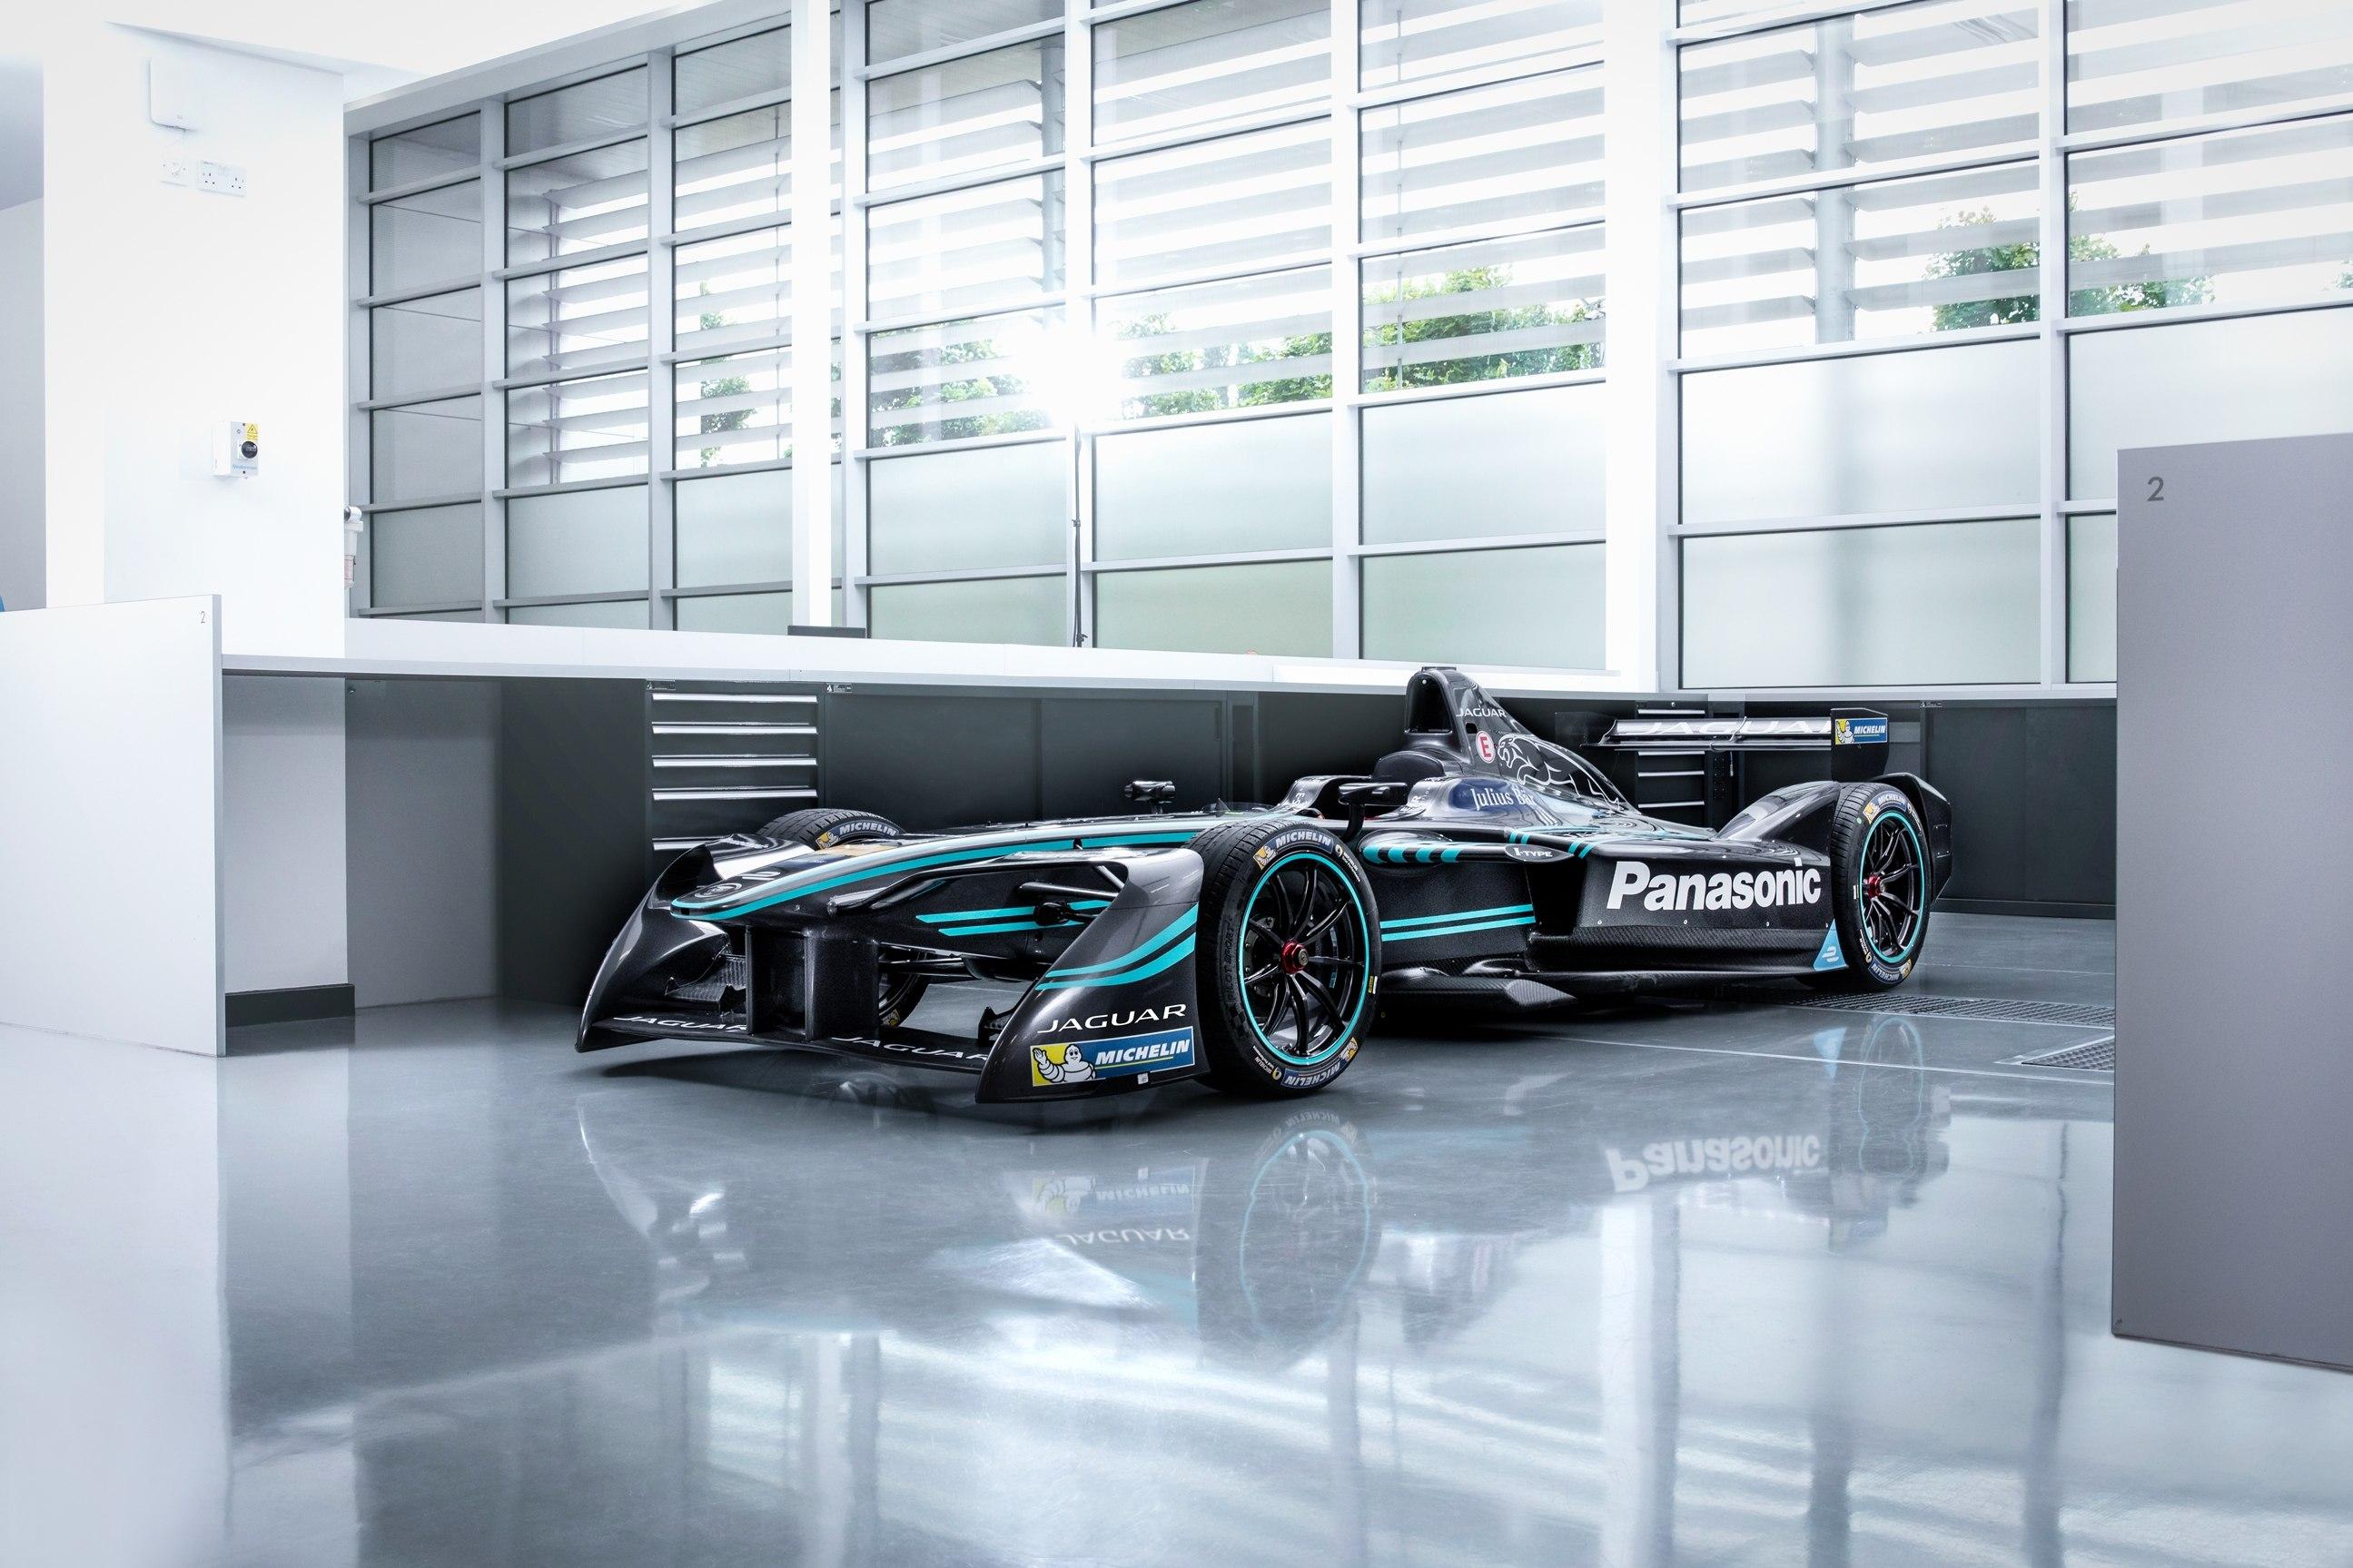 panasonic_jaguar_racing_formula_e_1_zoldautok